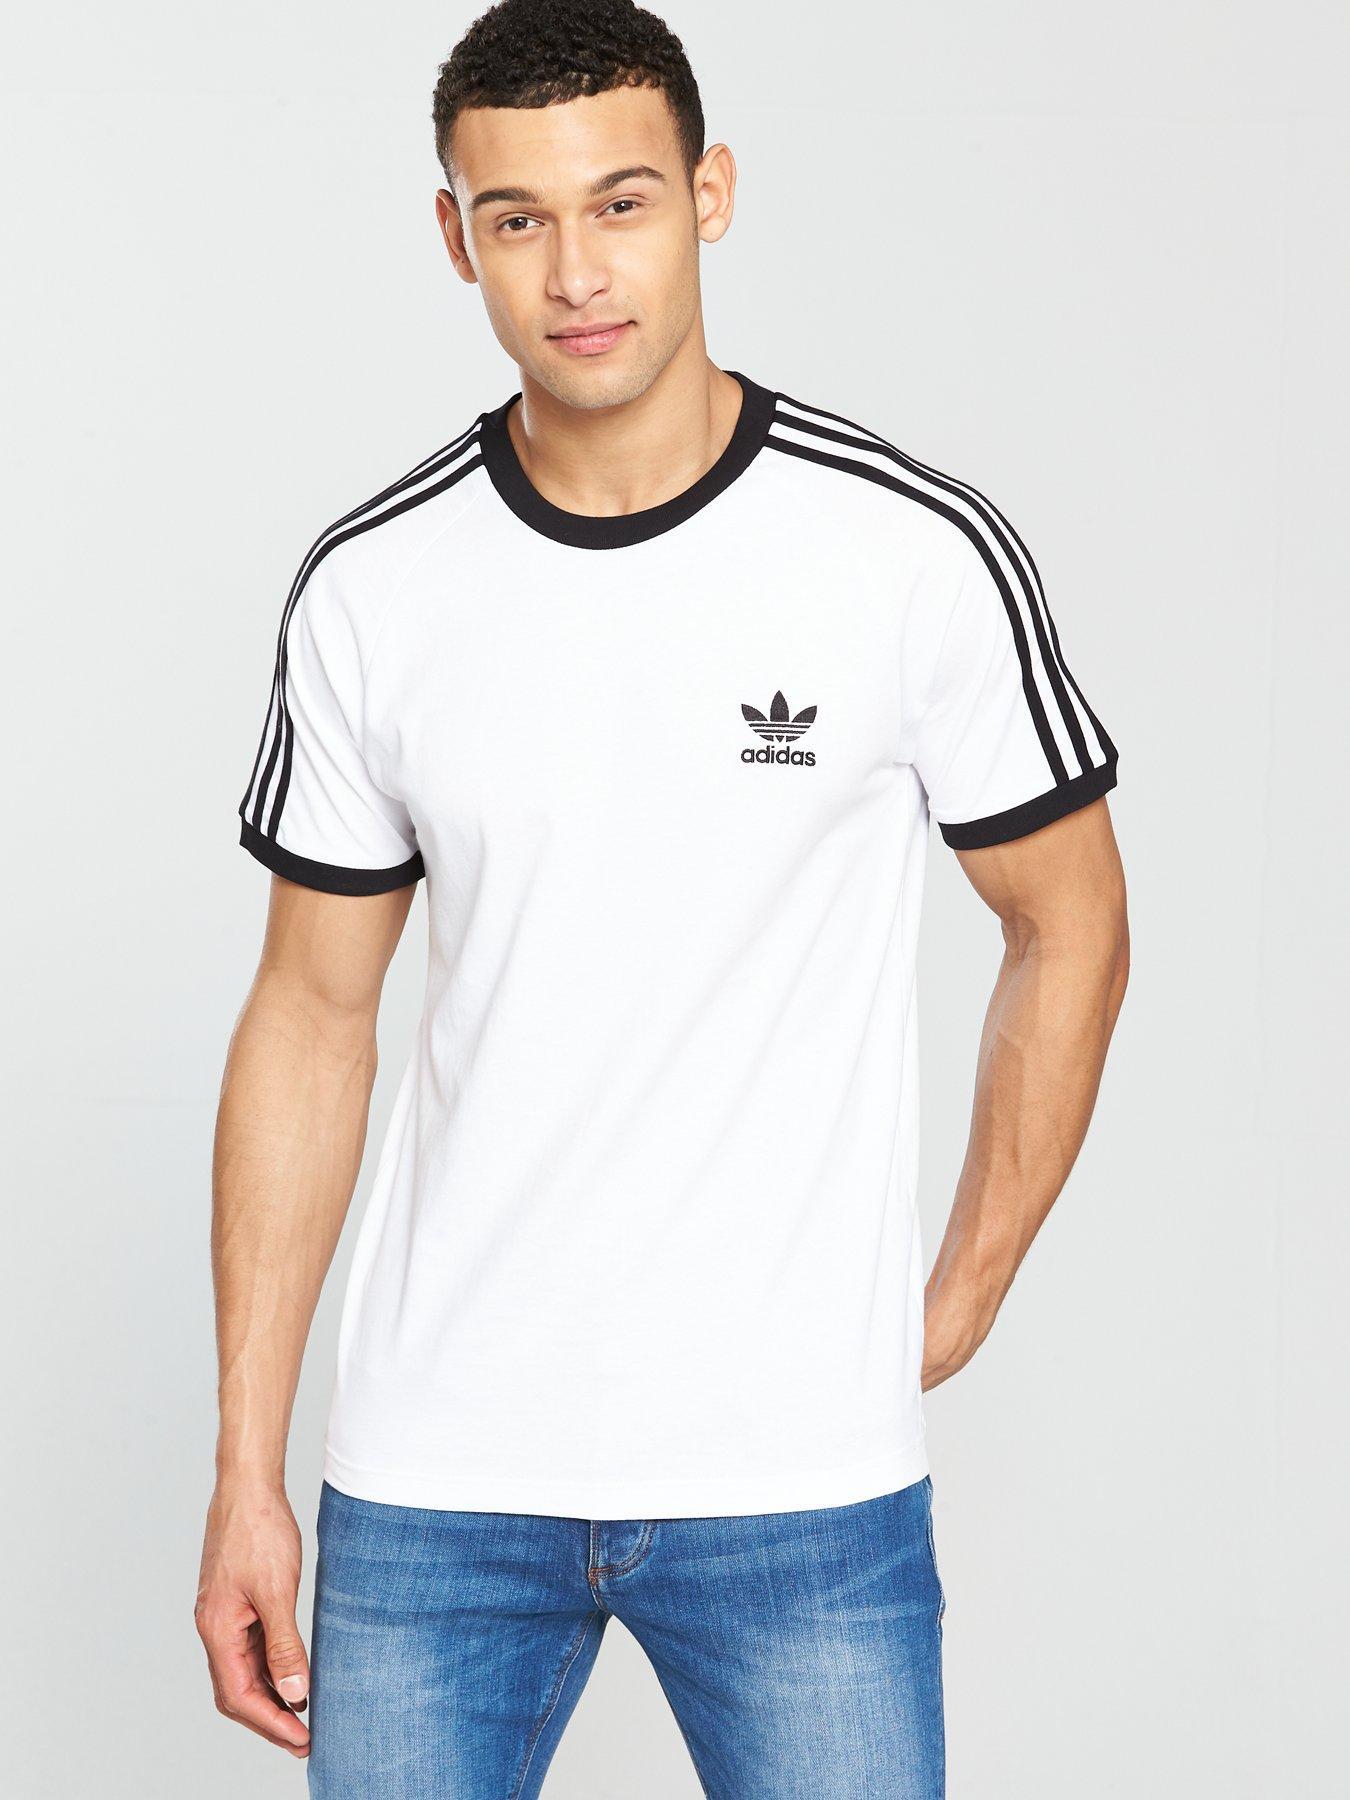 adidas originals t shirt xxl